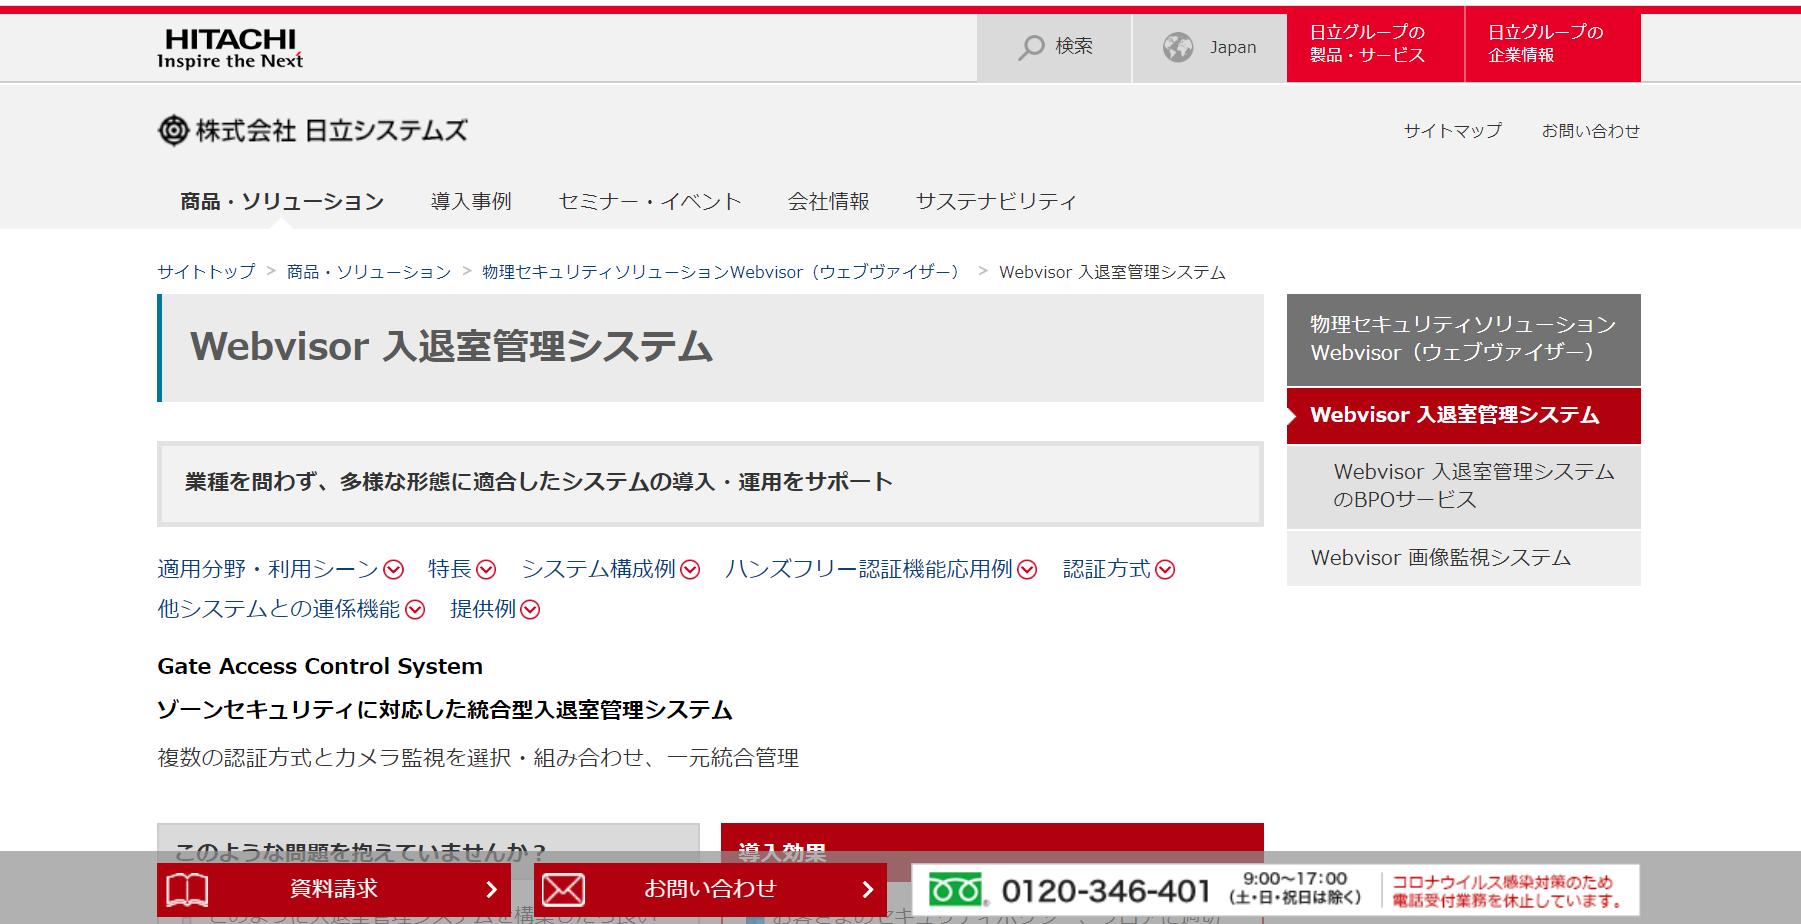 Webvisor 入退室管理システム